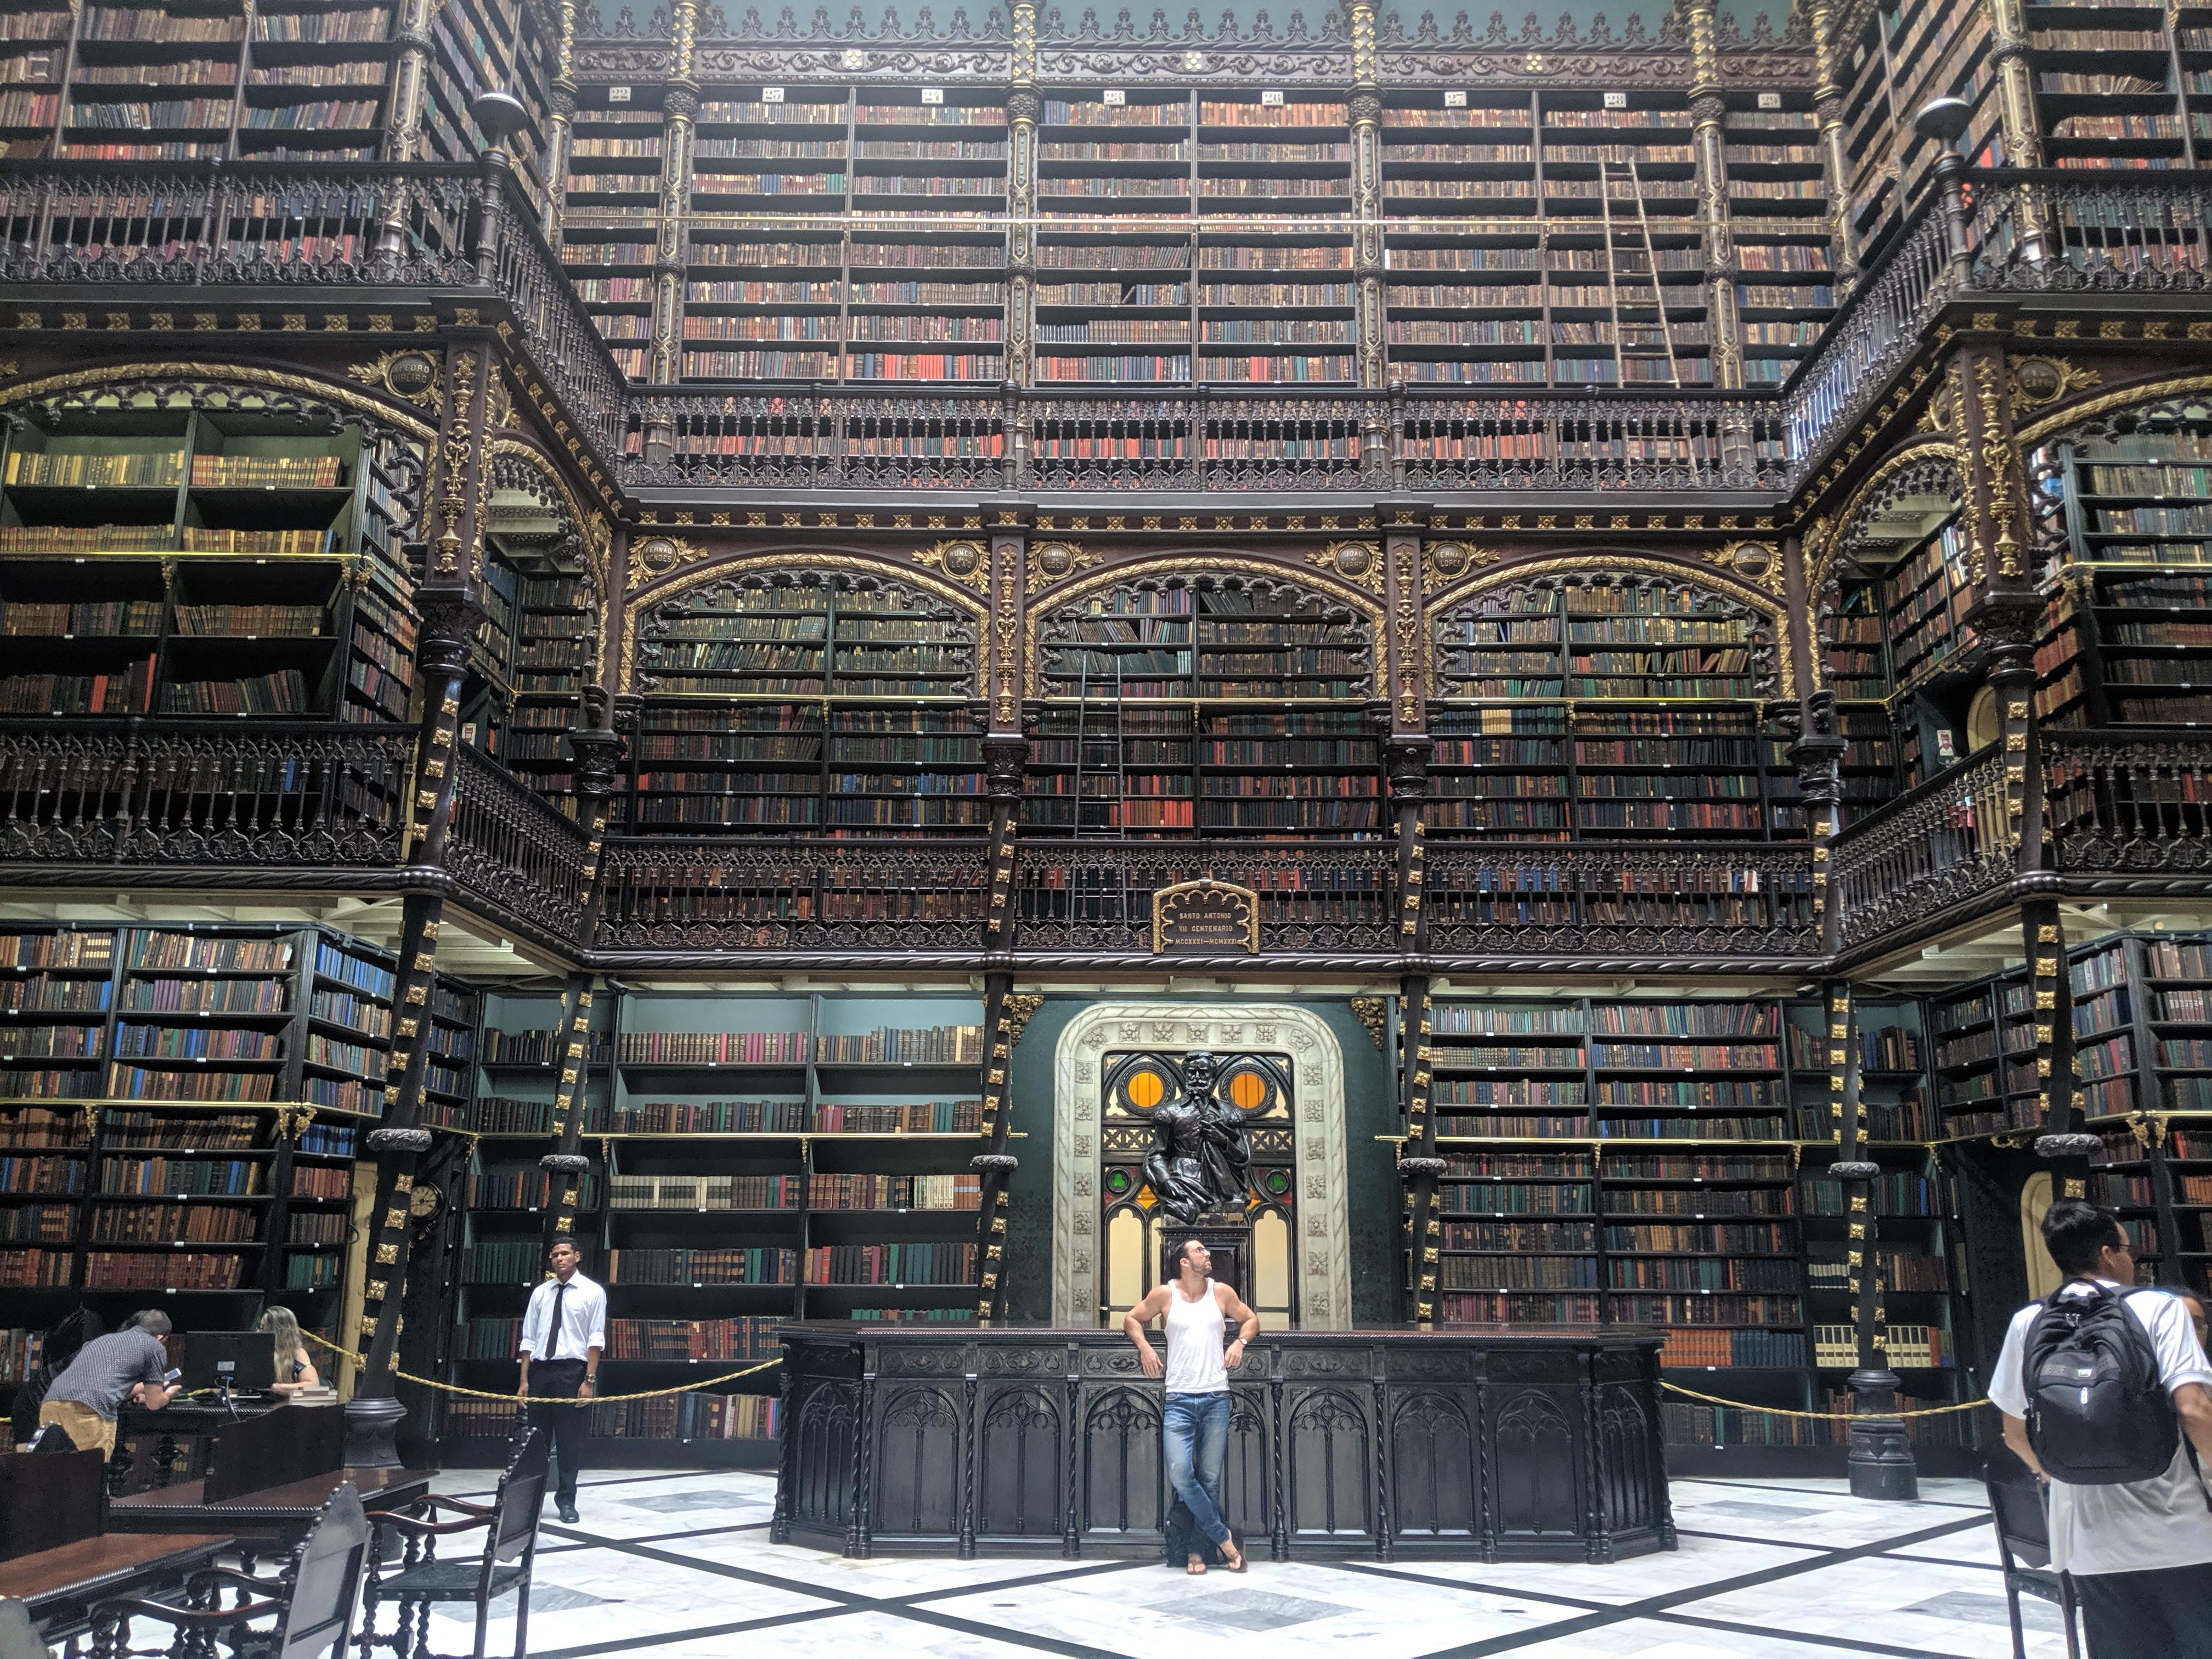 portuguese reading room instagram photo rio de janeiro